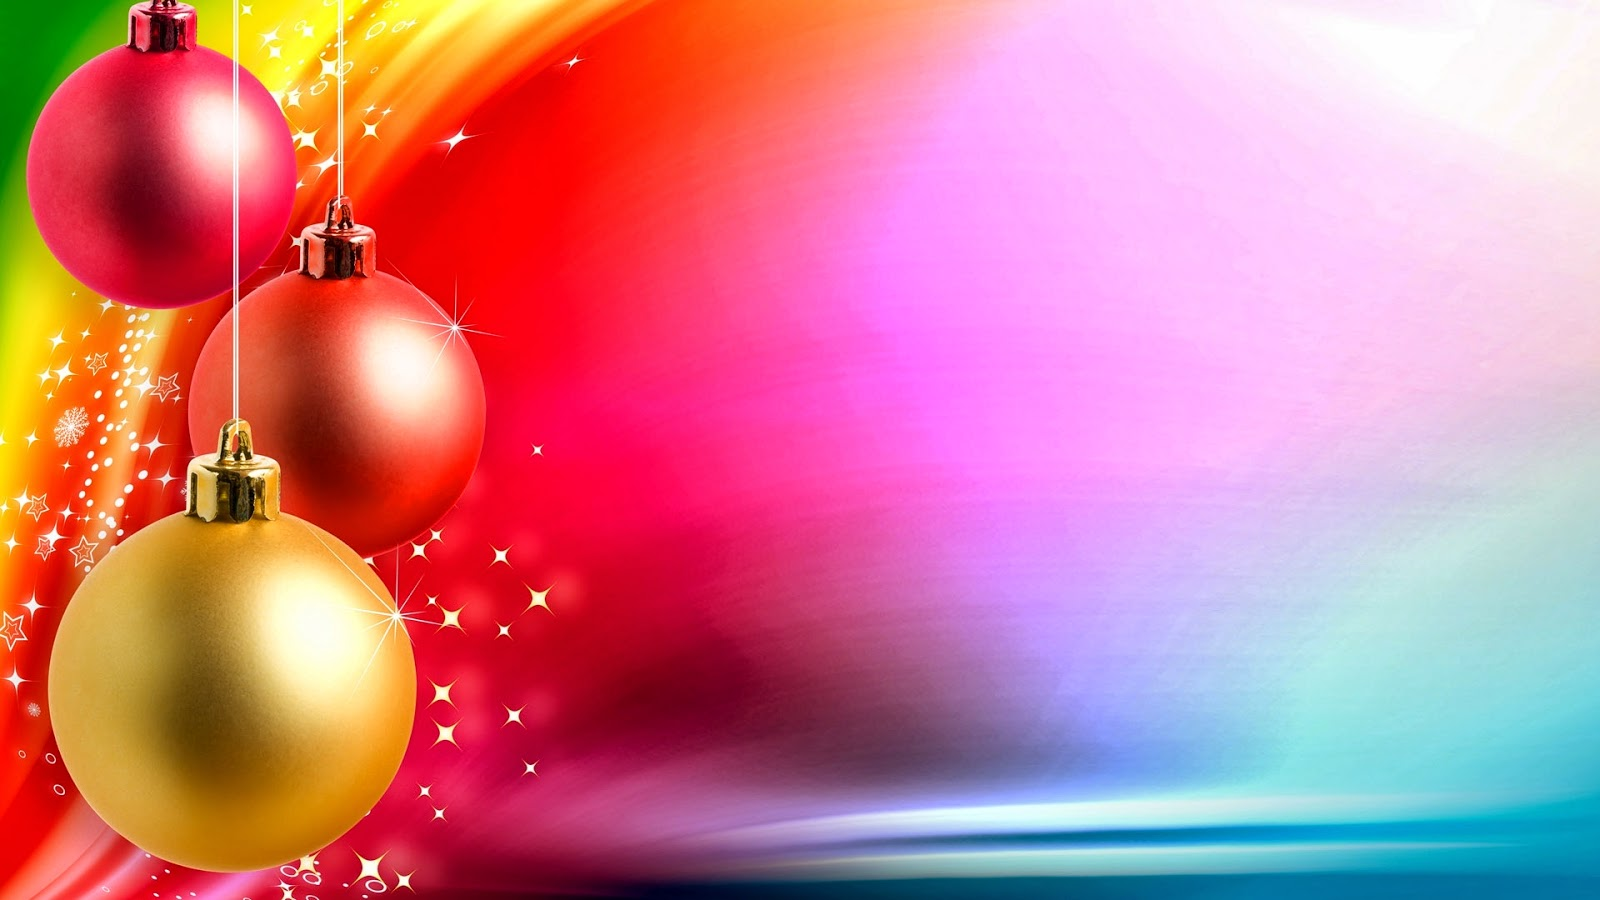 Imagenes para descargar y wallpapers fondo de pantalla - Bolas de navidad grandes ...